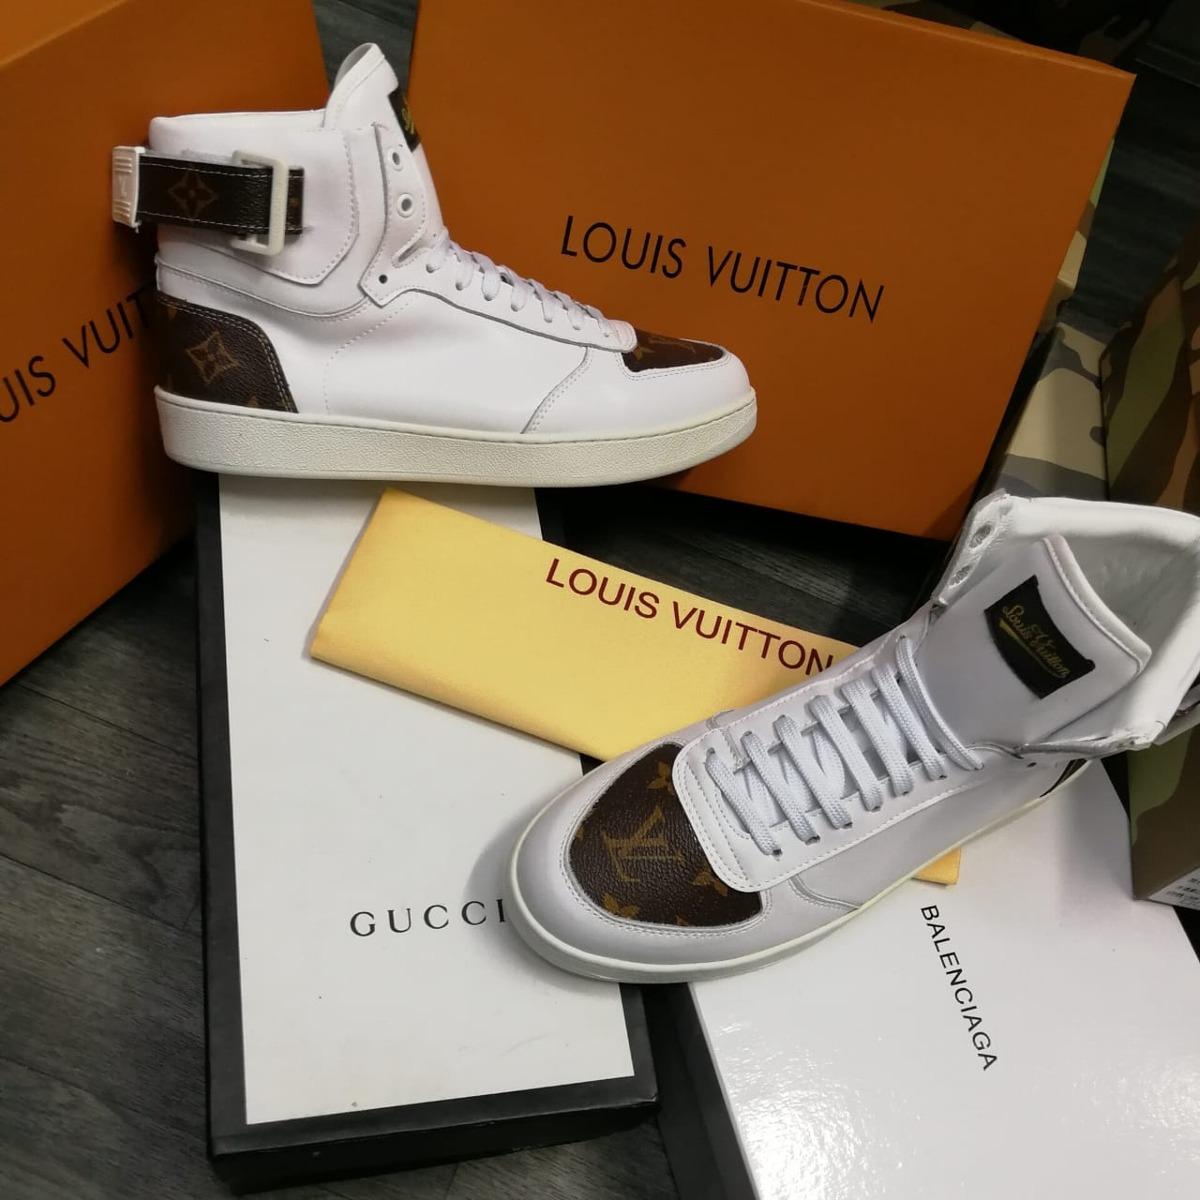 f4bd34ace0d36 Nuevas Botas Louis Vuitton - Gama Alta - Exclusivo 2018 -   380.000 ...